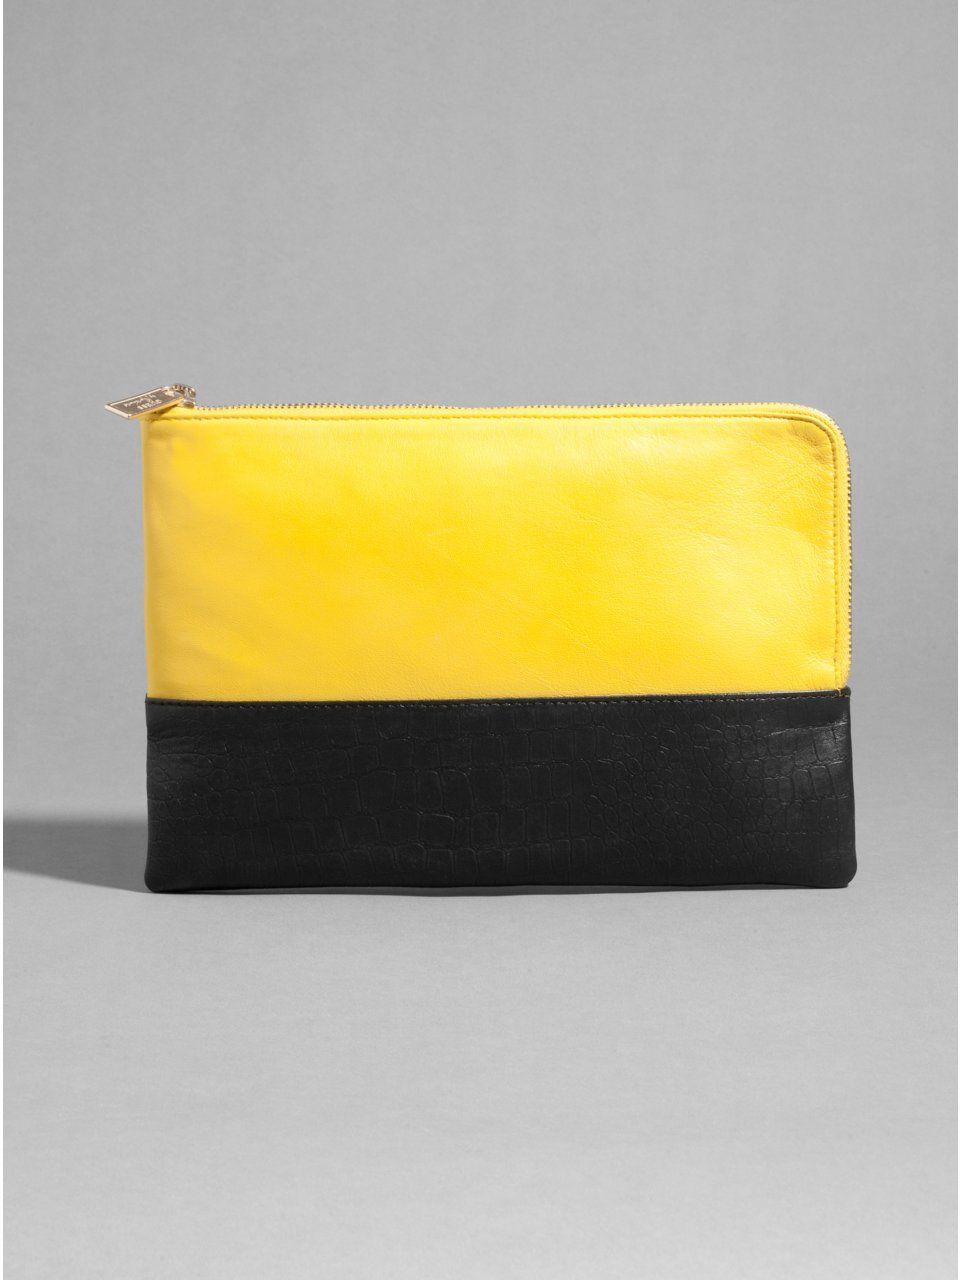 Guess MarcianoAccesorios Leather Bolsos By Eva Pouch Cartera 3RL4A5qcj